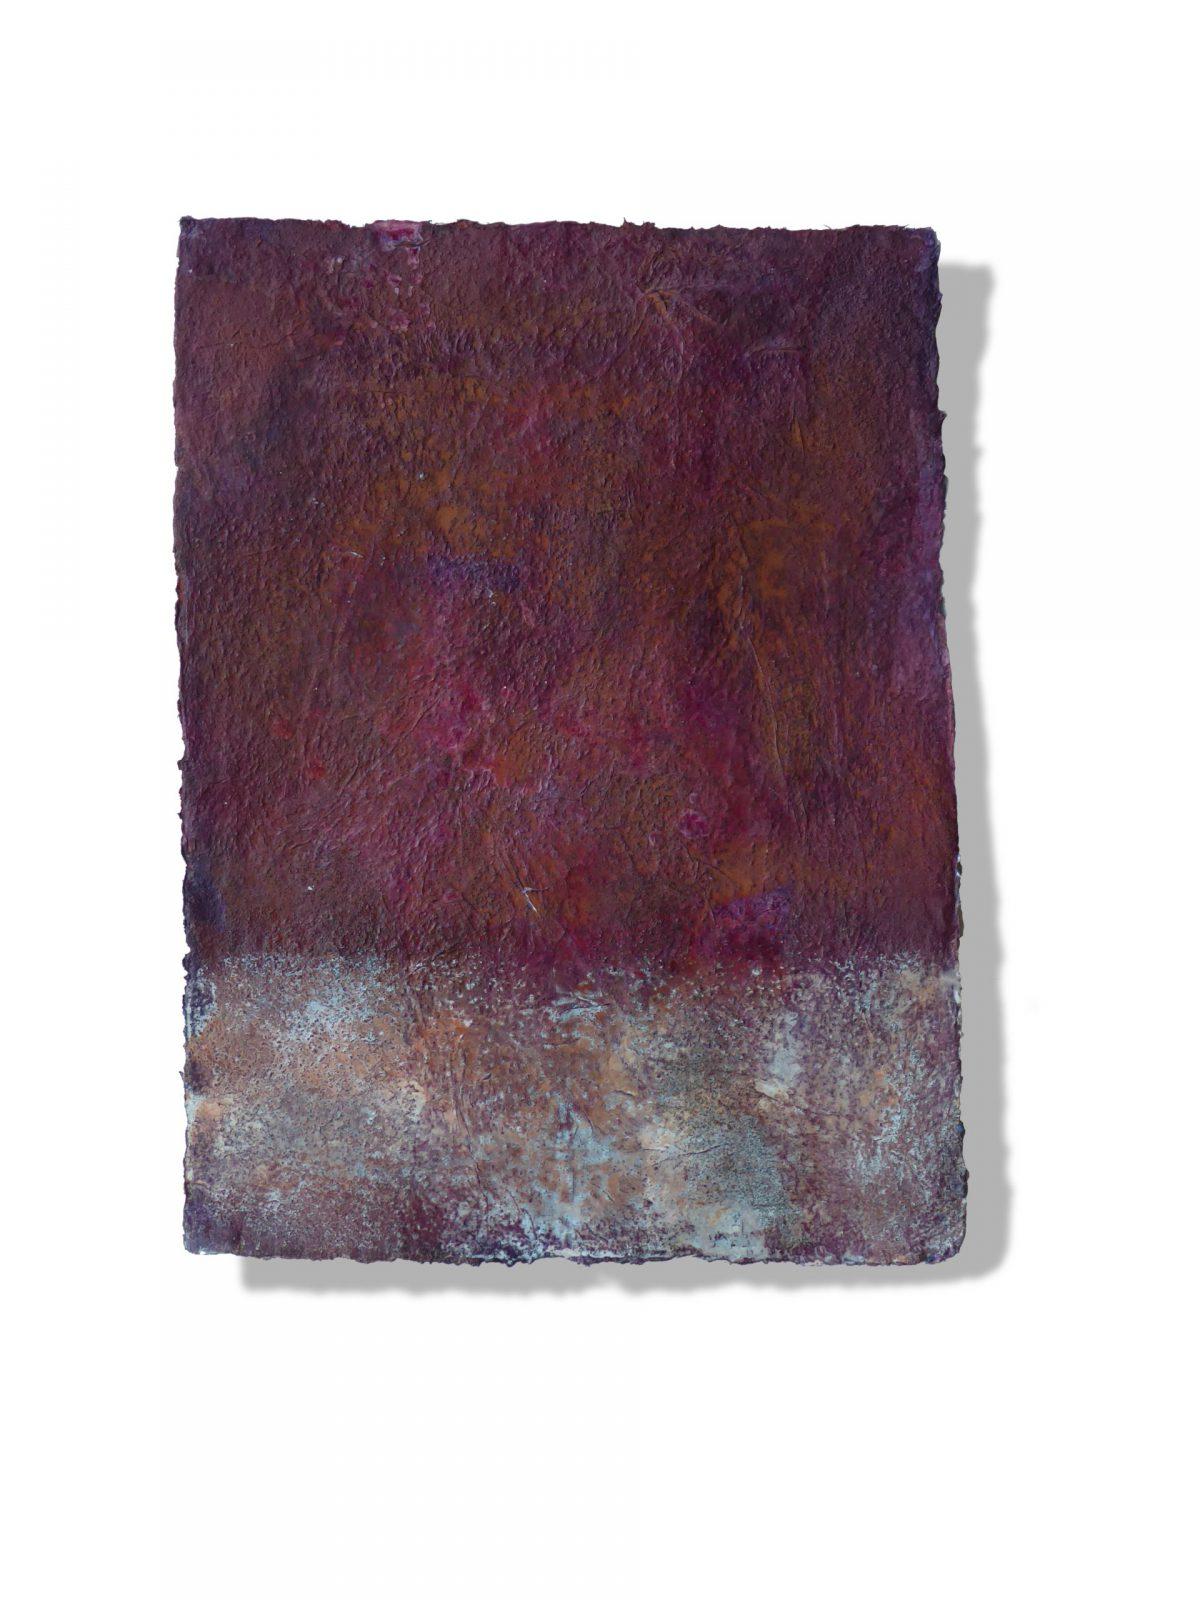 Hanne Unger-Heilmann: o.T. (2018) Papier, Gestein, Pigmente auf Papier